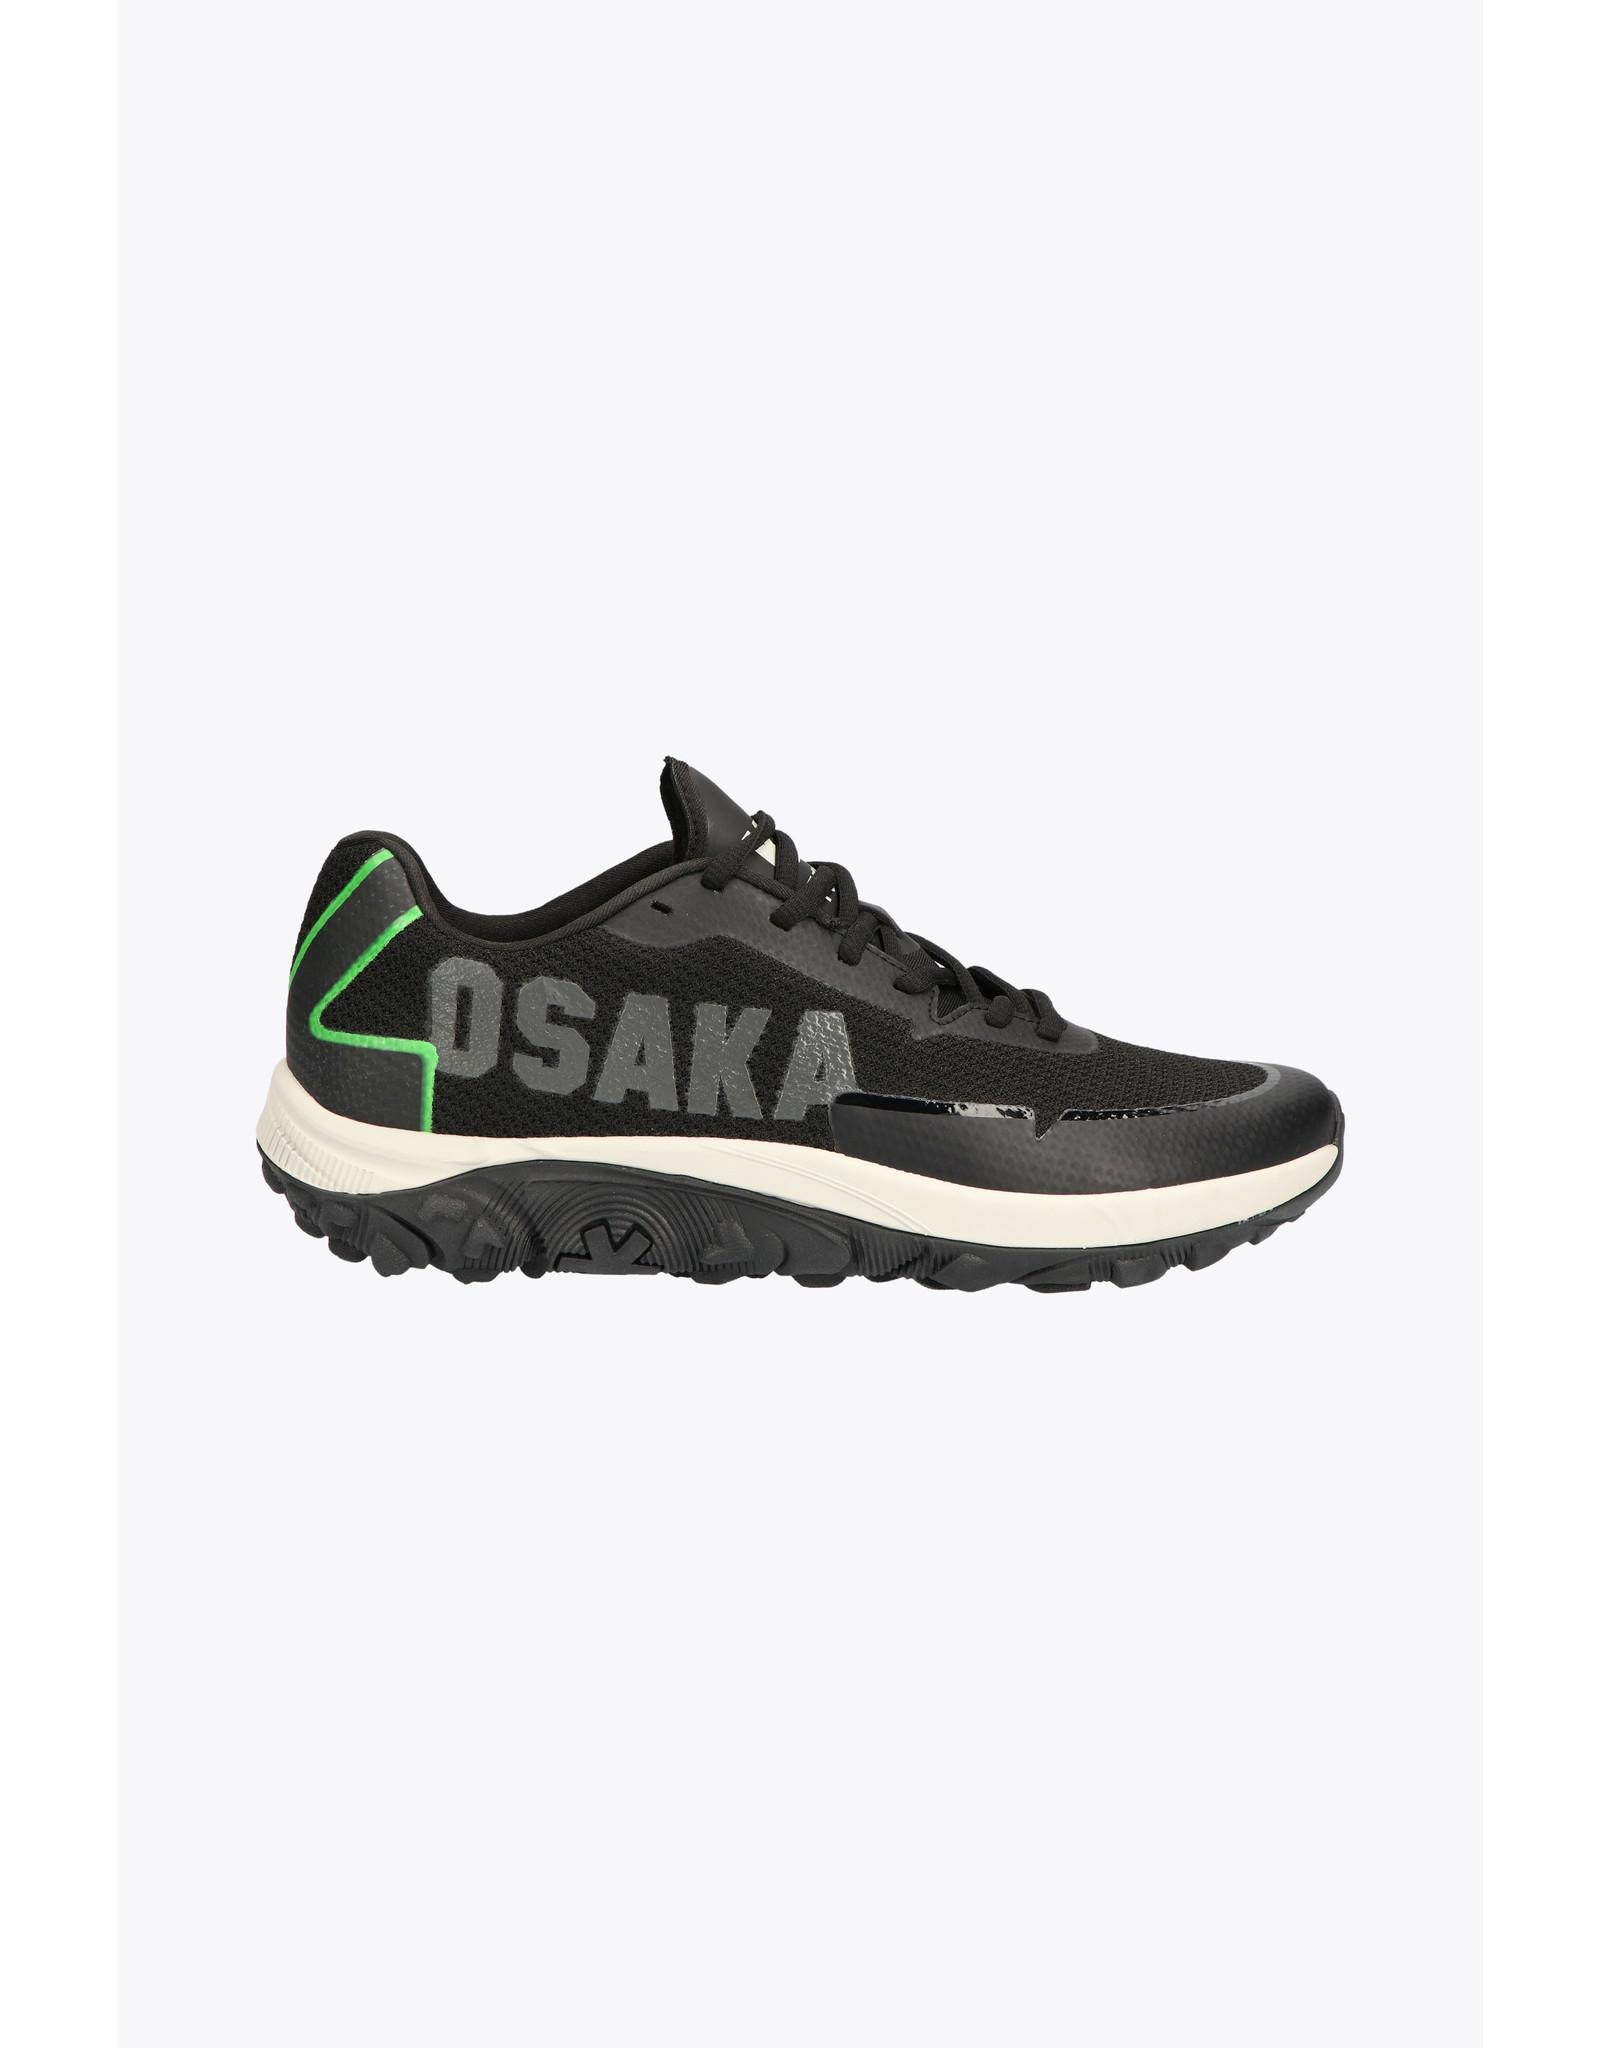 Osaka OSAKA KAI MK1 UNI - Iconic Black